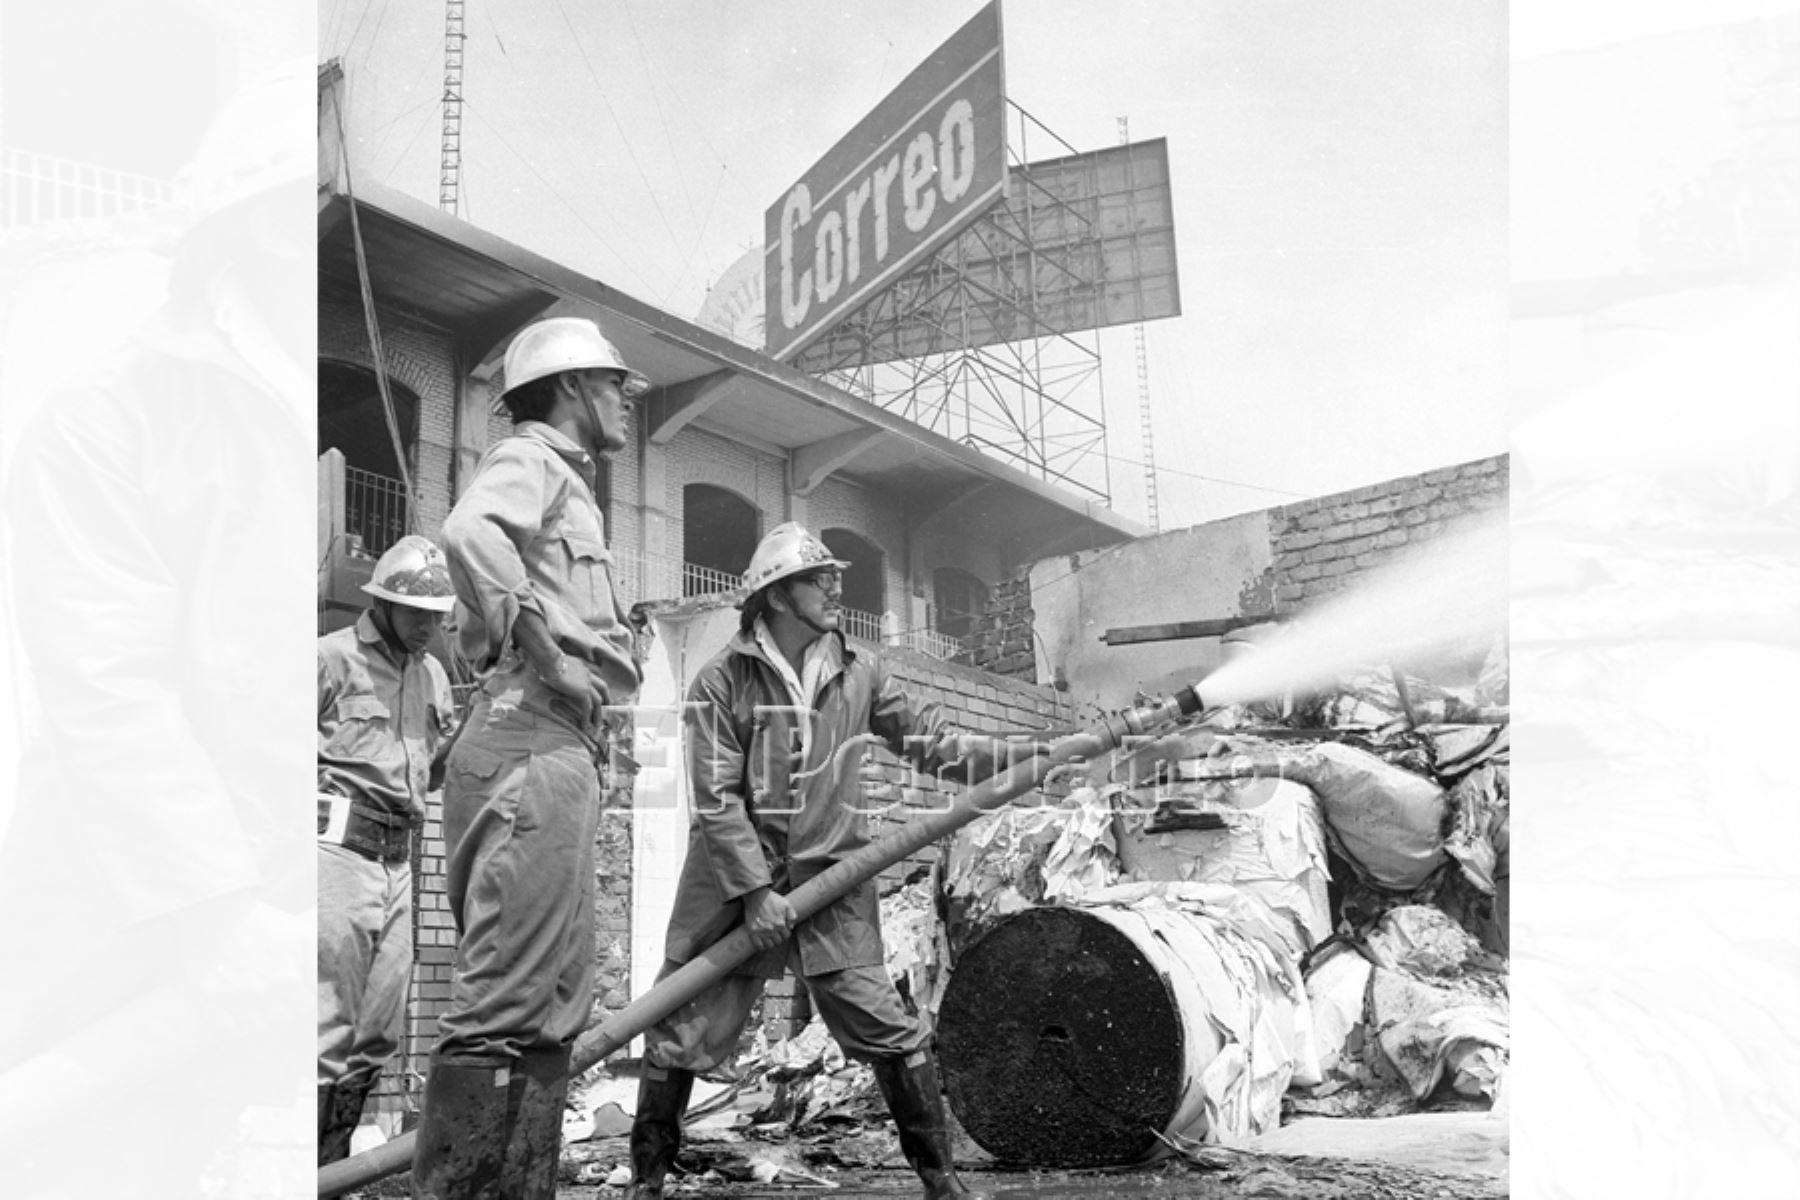 Lima - 5 febrero 1975 / Bomberos luchan contra el fuego que consume las instalaciones del diario Correo que fue atacado por las turbas durante el paro policial. Foto: Archivo Histórico de EL PERUANO / Humberto Romaní